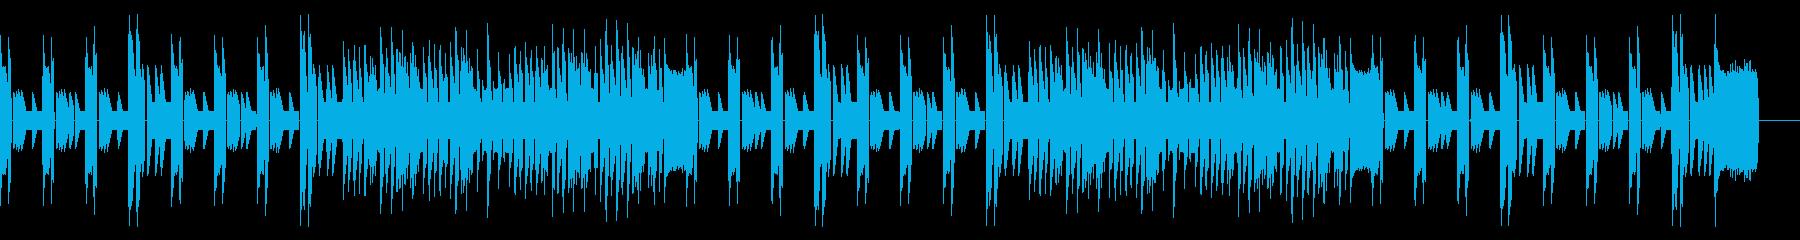 レトロシューティングゲームBGMの再生済みの波形